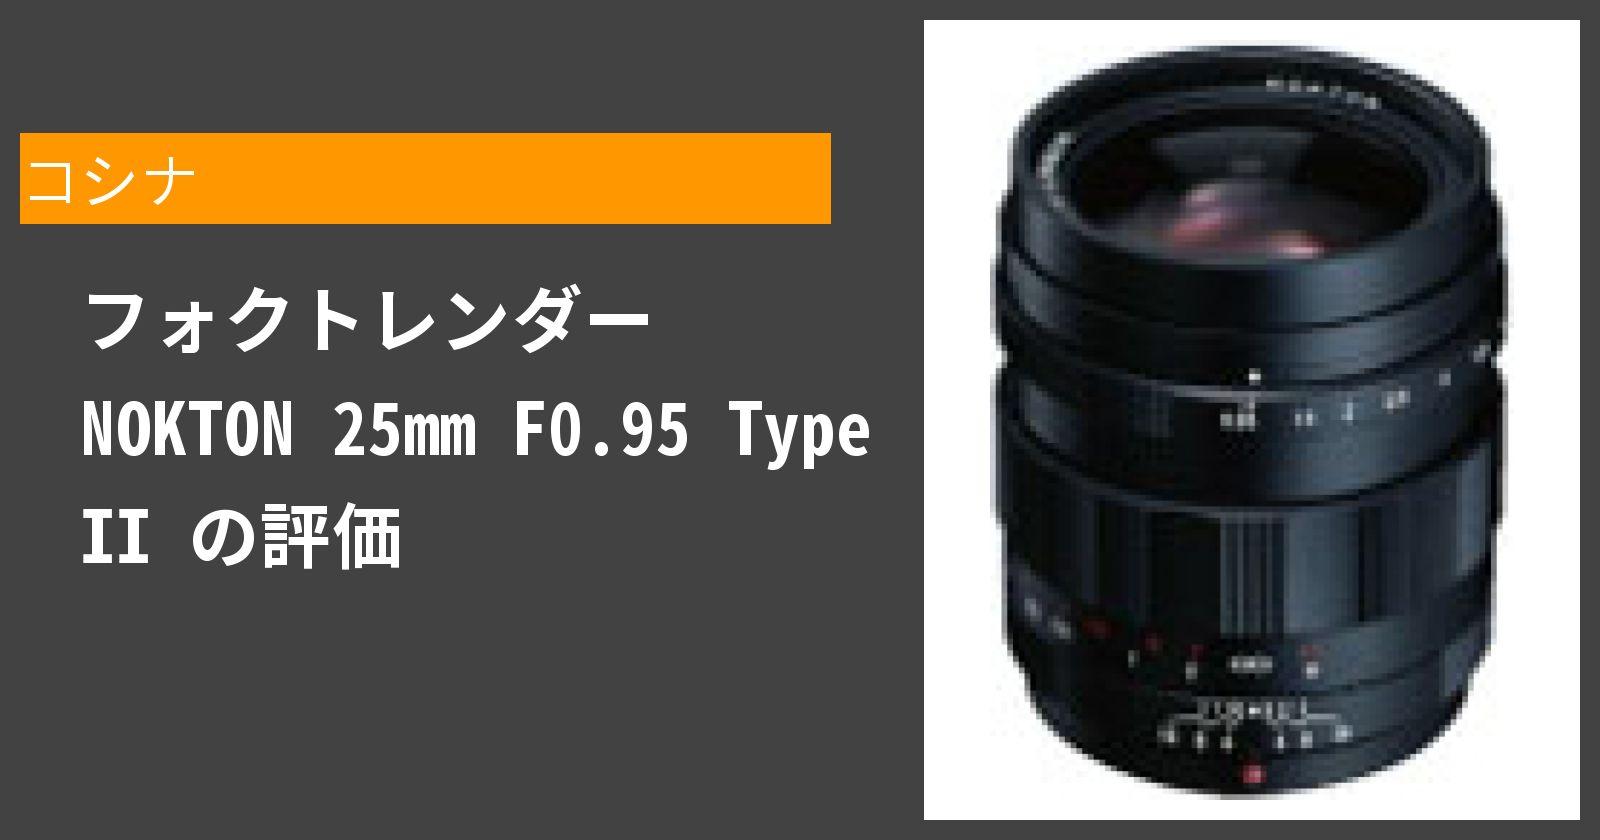 フォクトレンダー NOKTON 25mm F0.95 Type IIを徹底評価